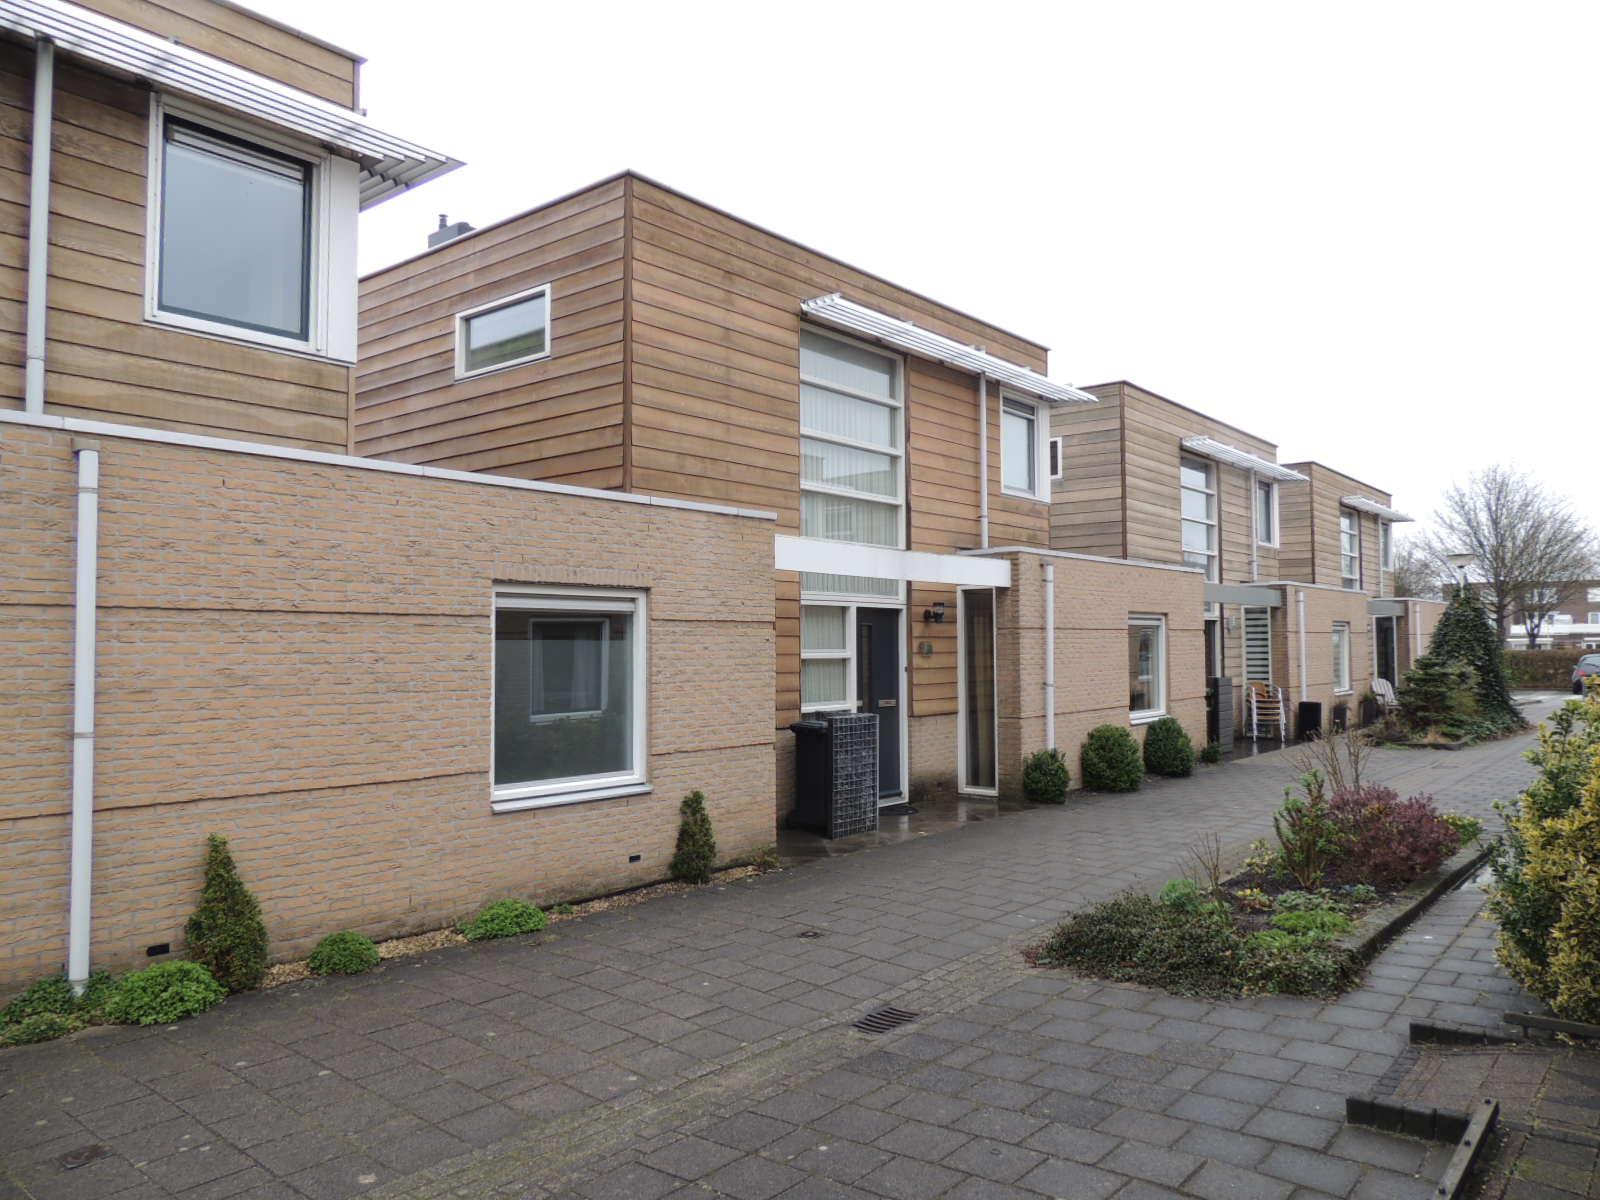 Ooiweide, Zoetermeer